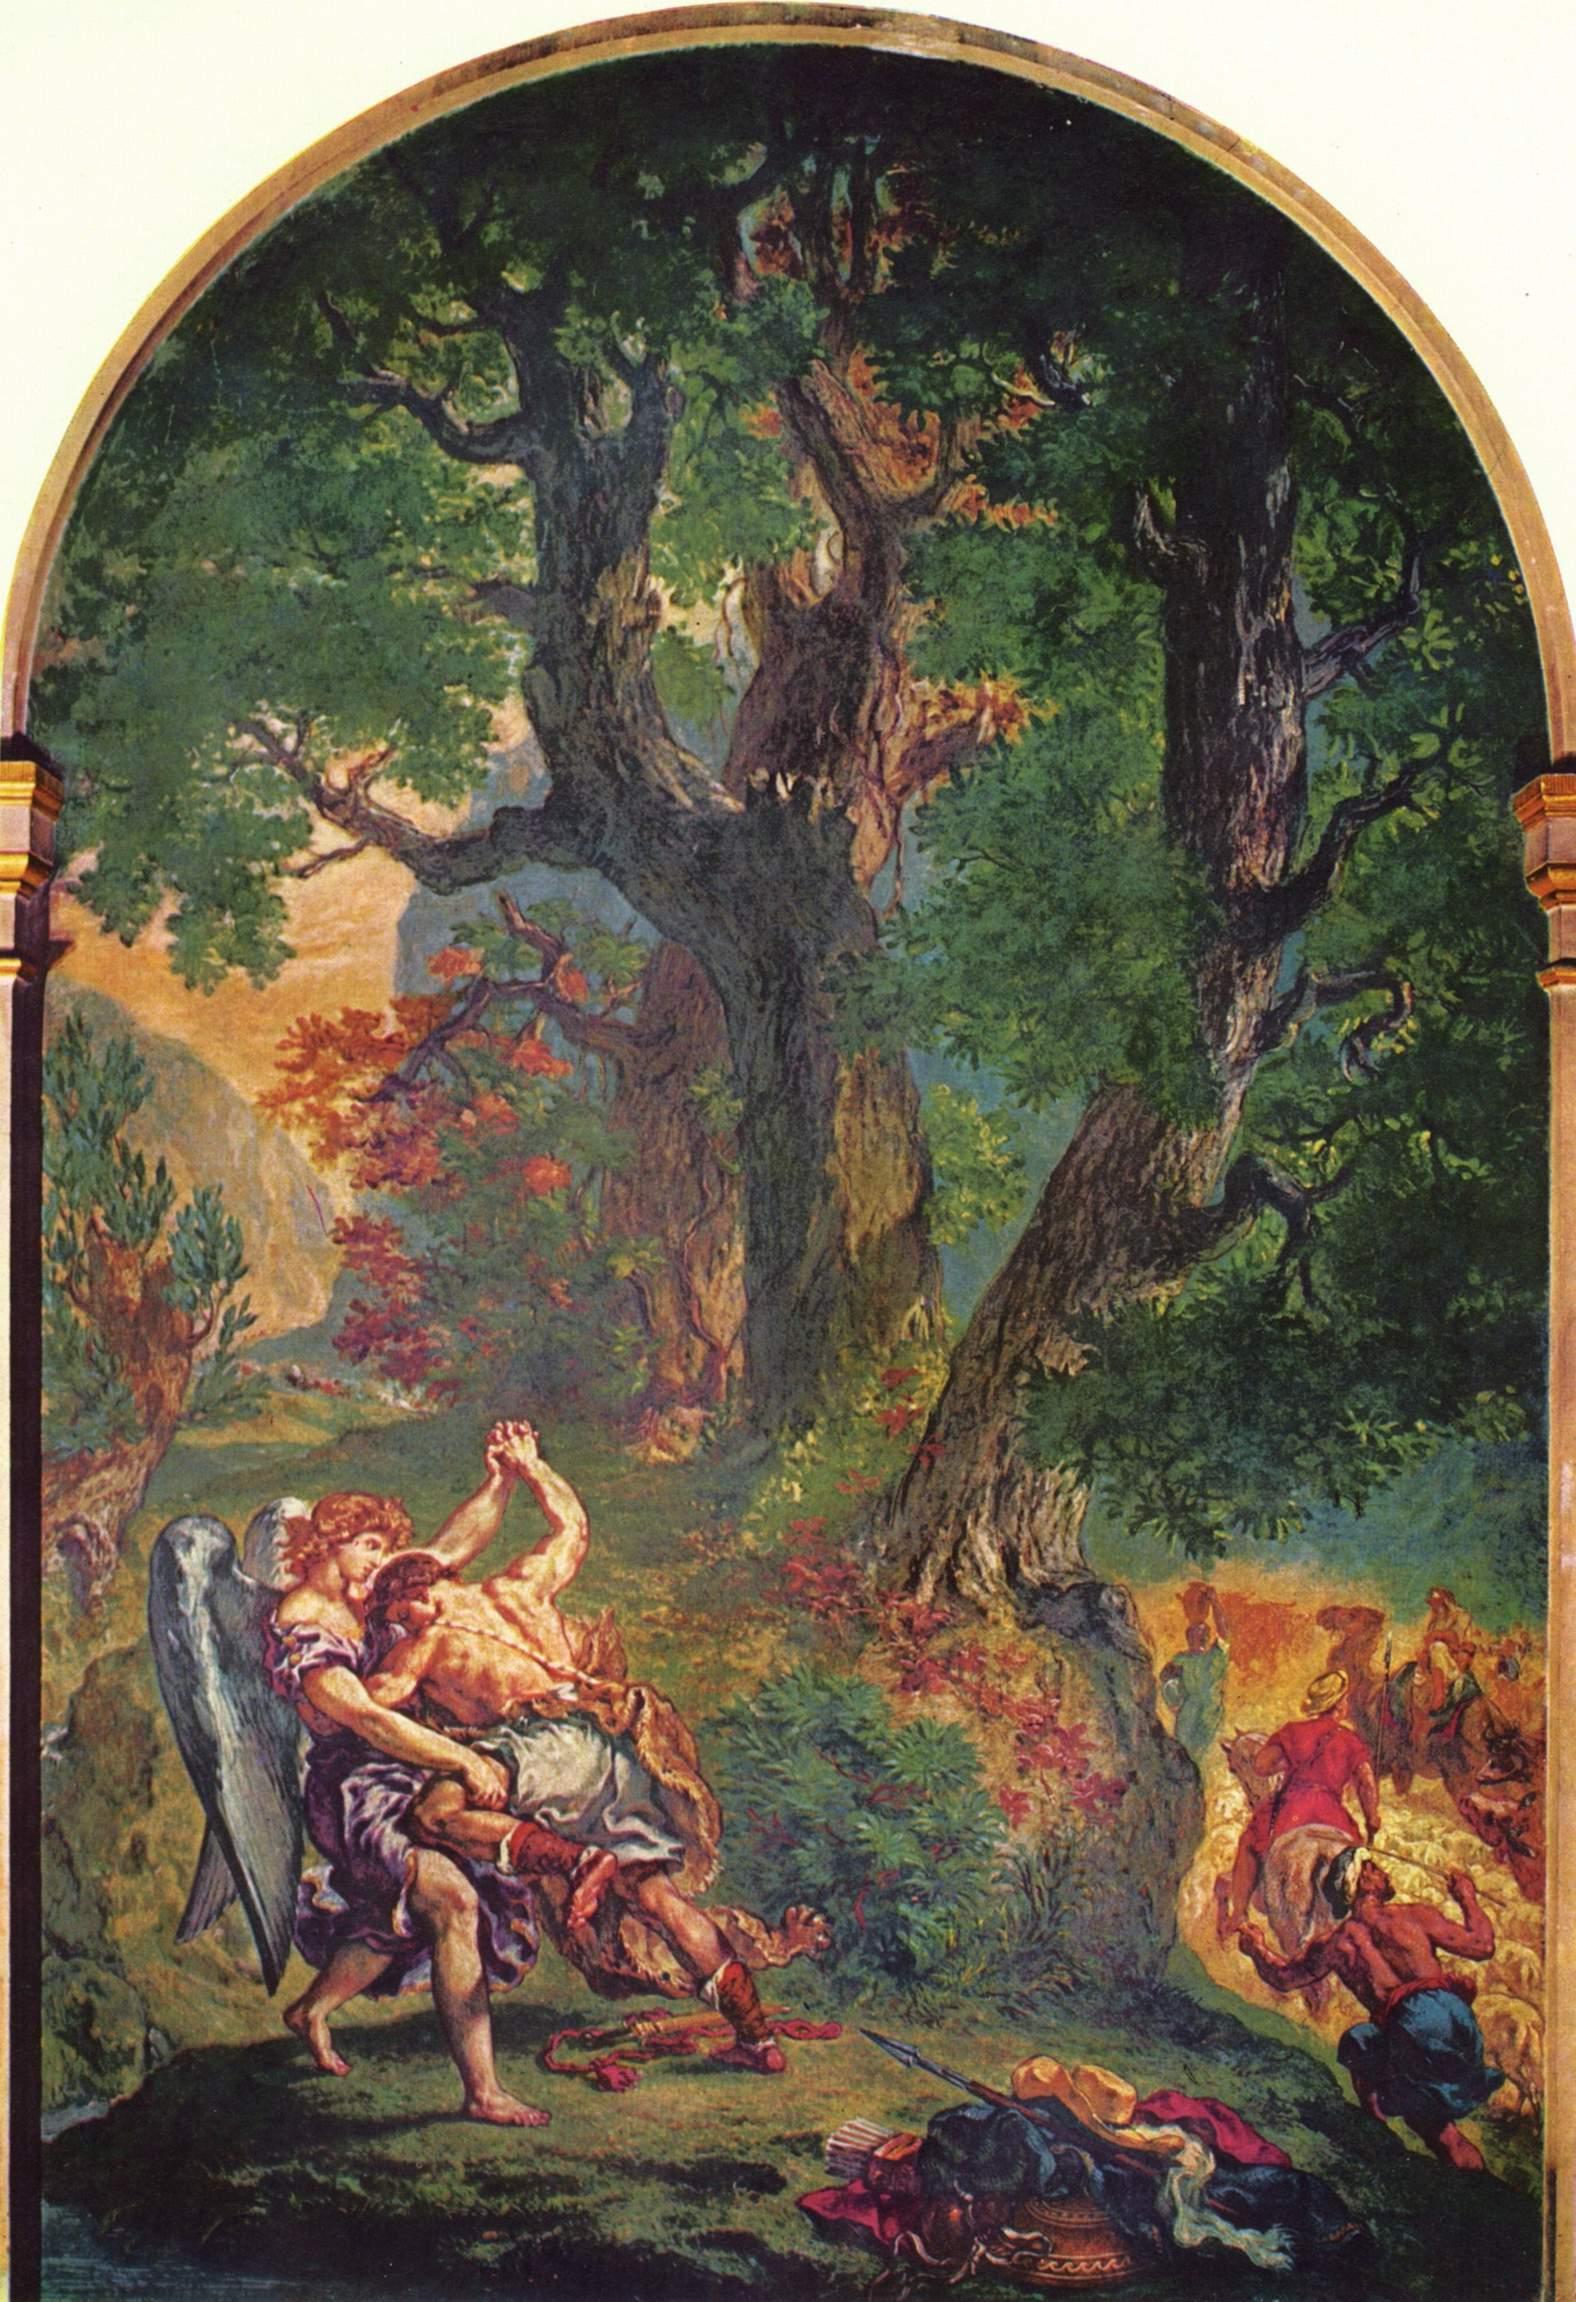 Церковь св. Сульпиция, Капелла св. Ангела  Борьба Иакова с ангелом, Делакруа Эжен Фердинанд Виктор